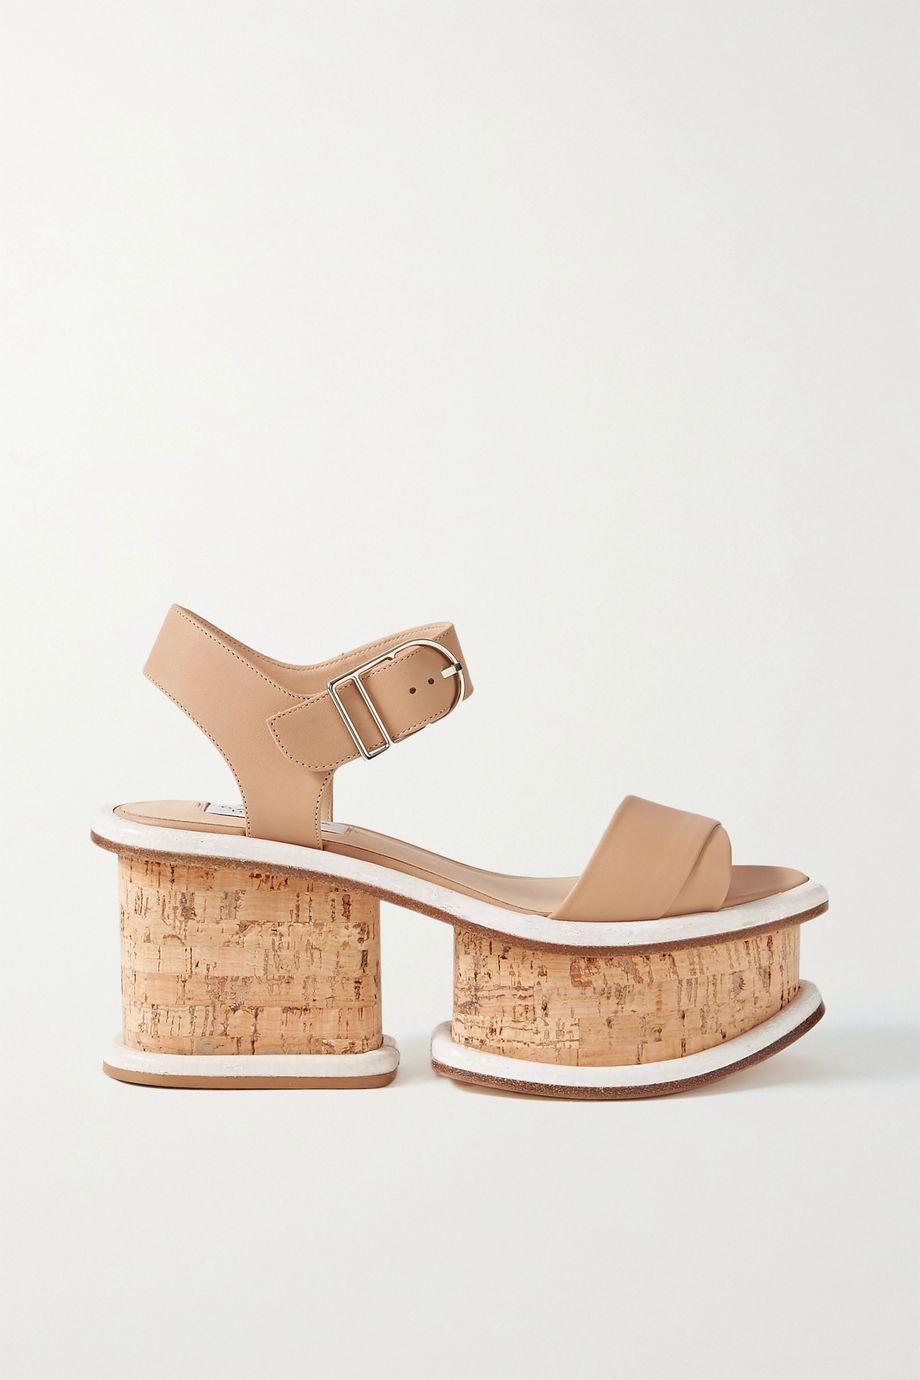 Gabriela Hearst Sandales plates-formes en cuir Harrigan